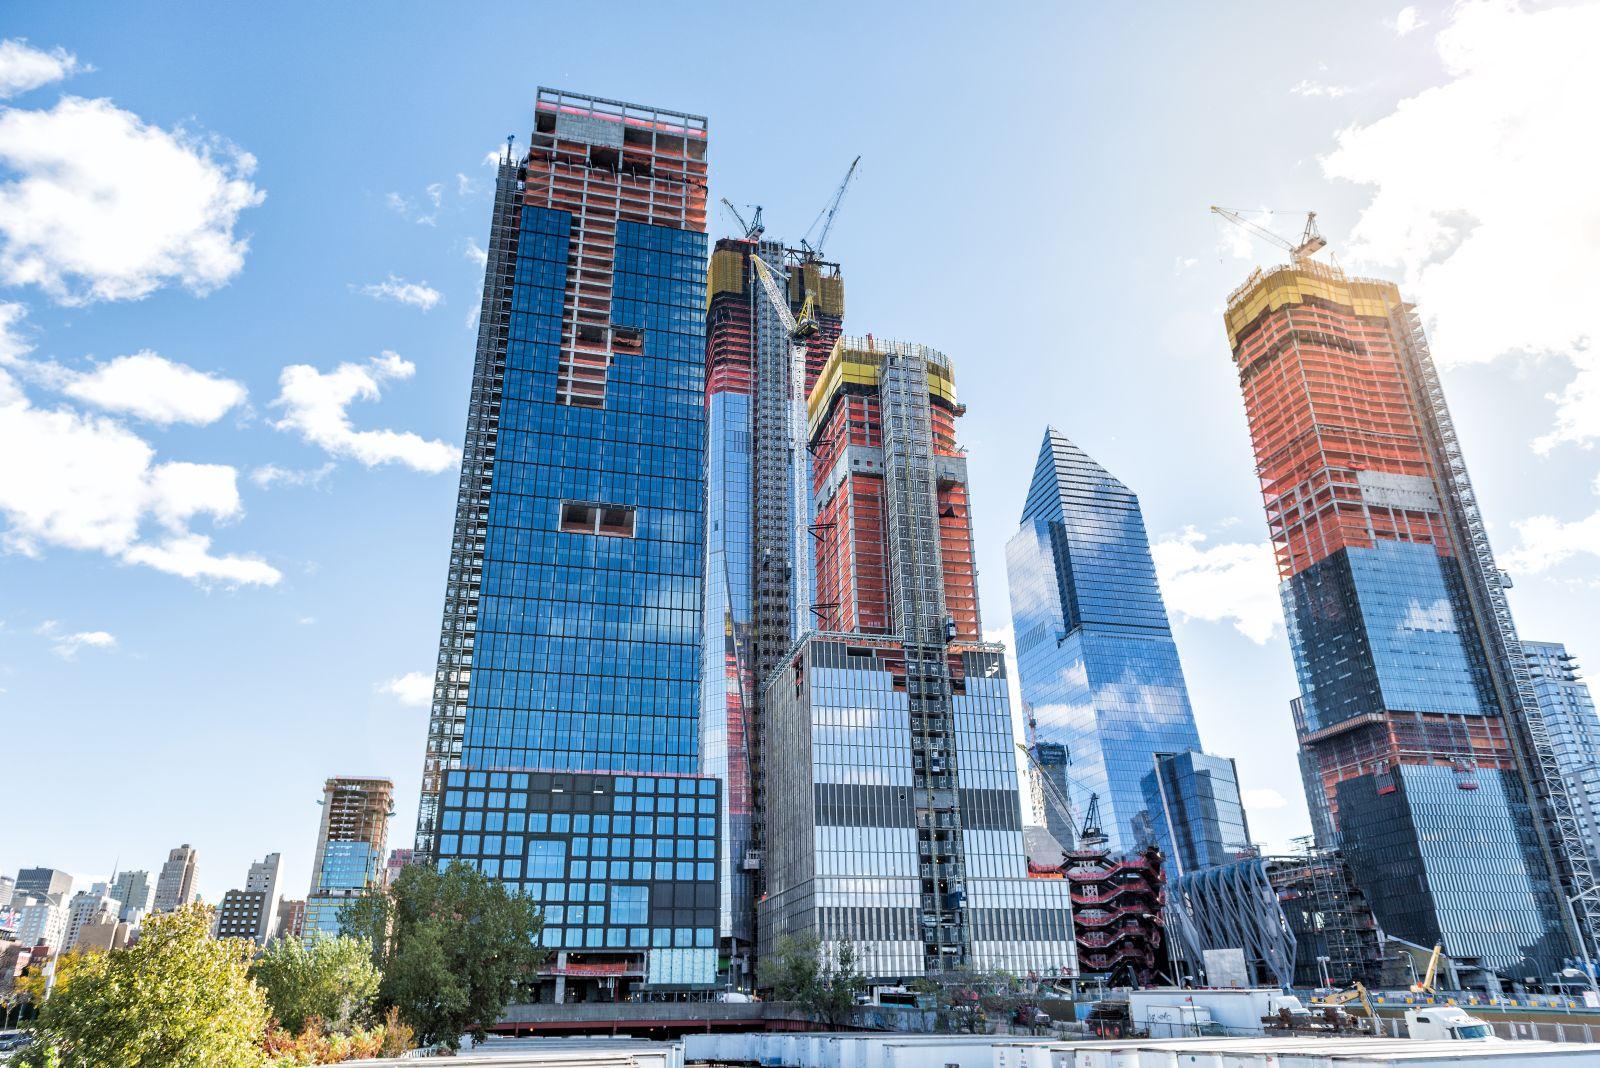 Seit dem 15. März hat New York ein neues Stadtviertel. Es ist ein Stadtviertel für die Reichen und Schönen mit teuren Luxuswohnungen und edlen Geschäften.